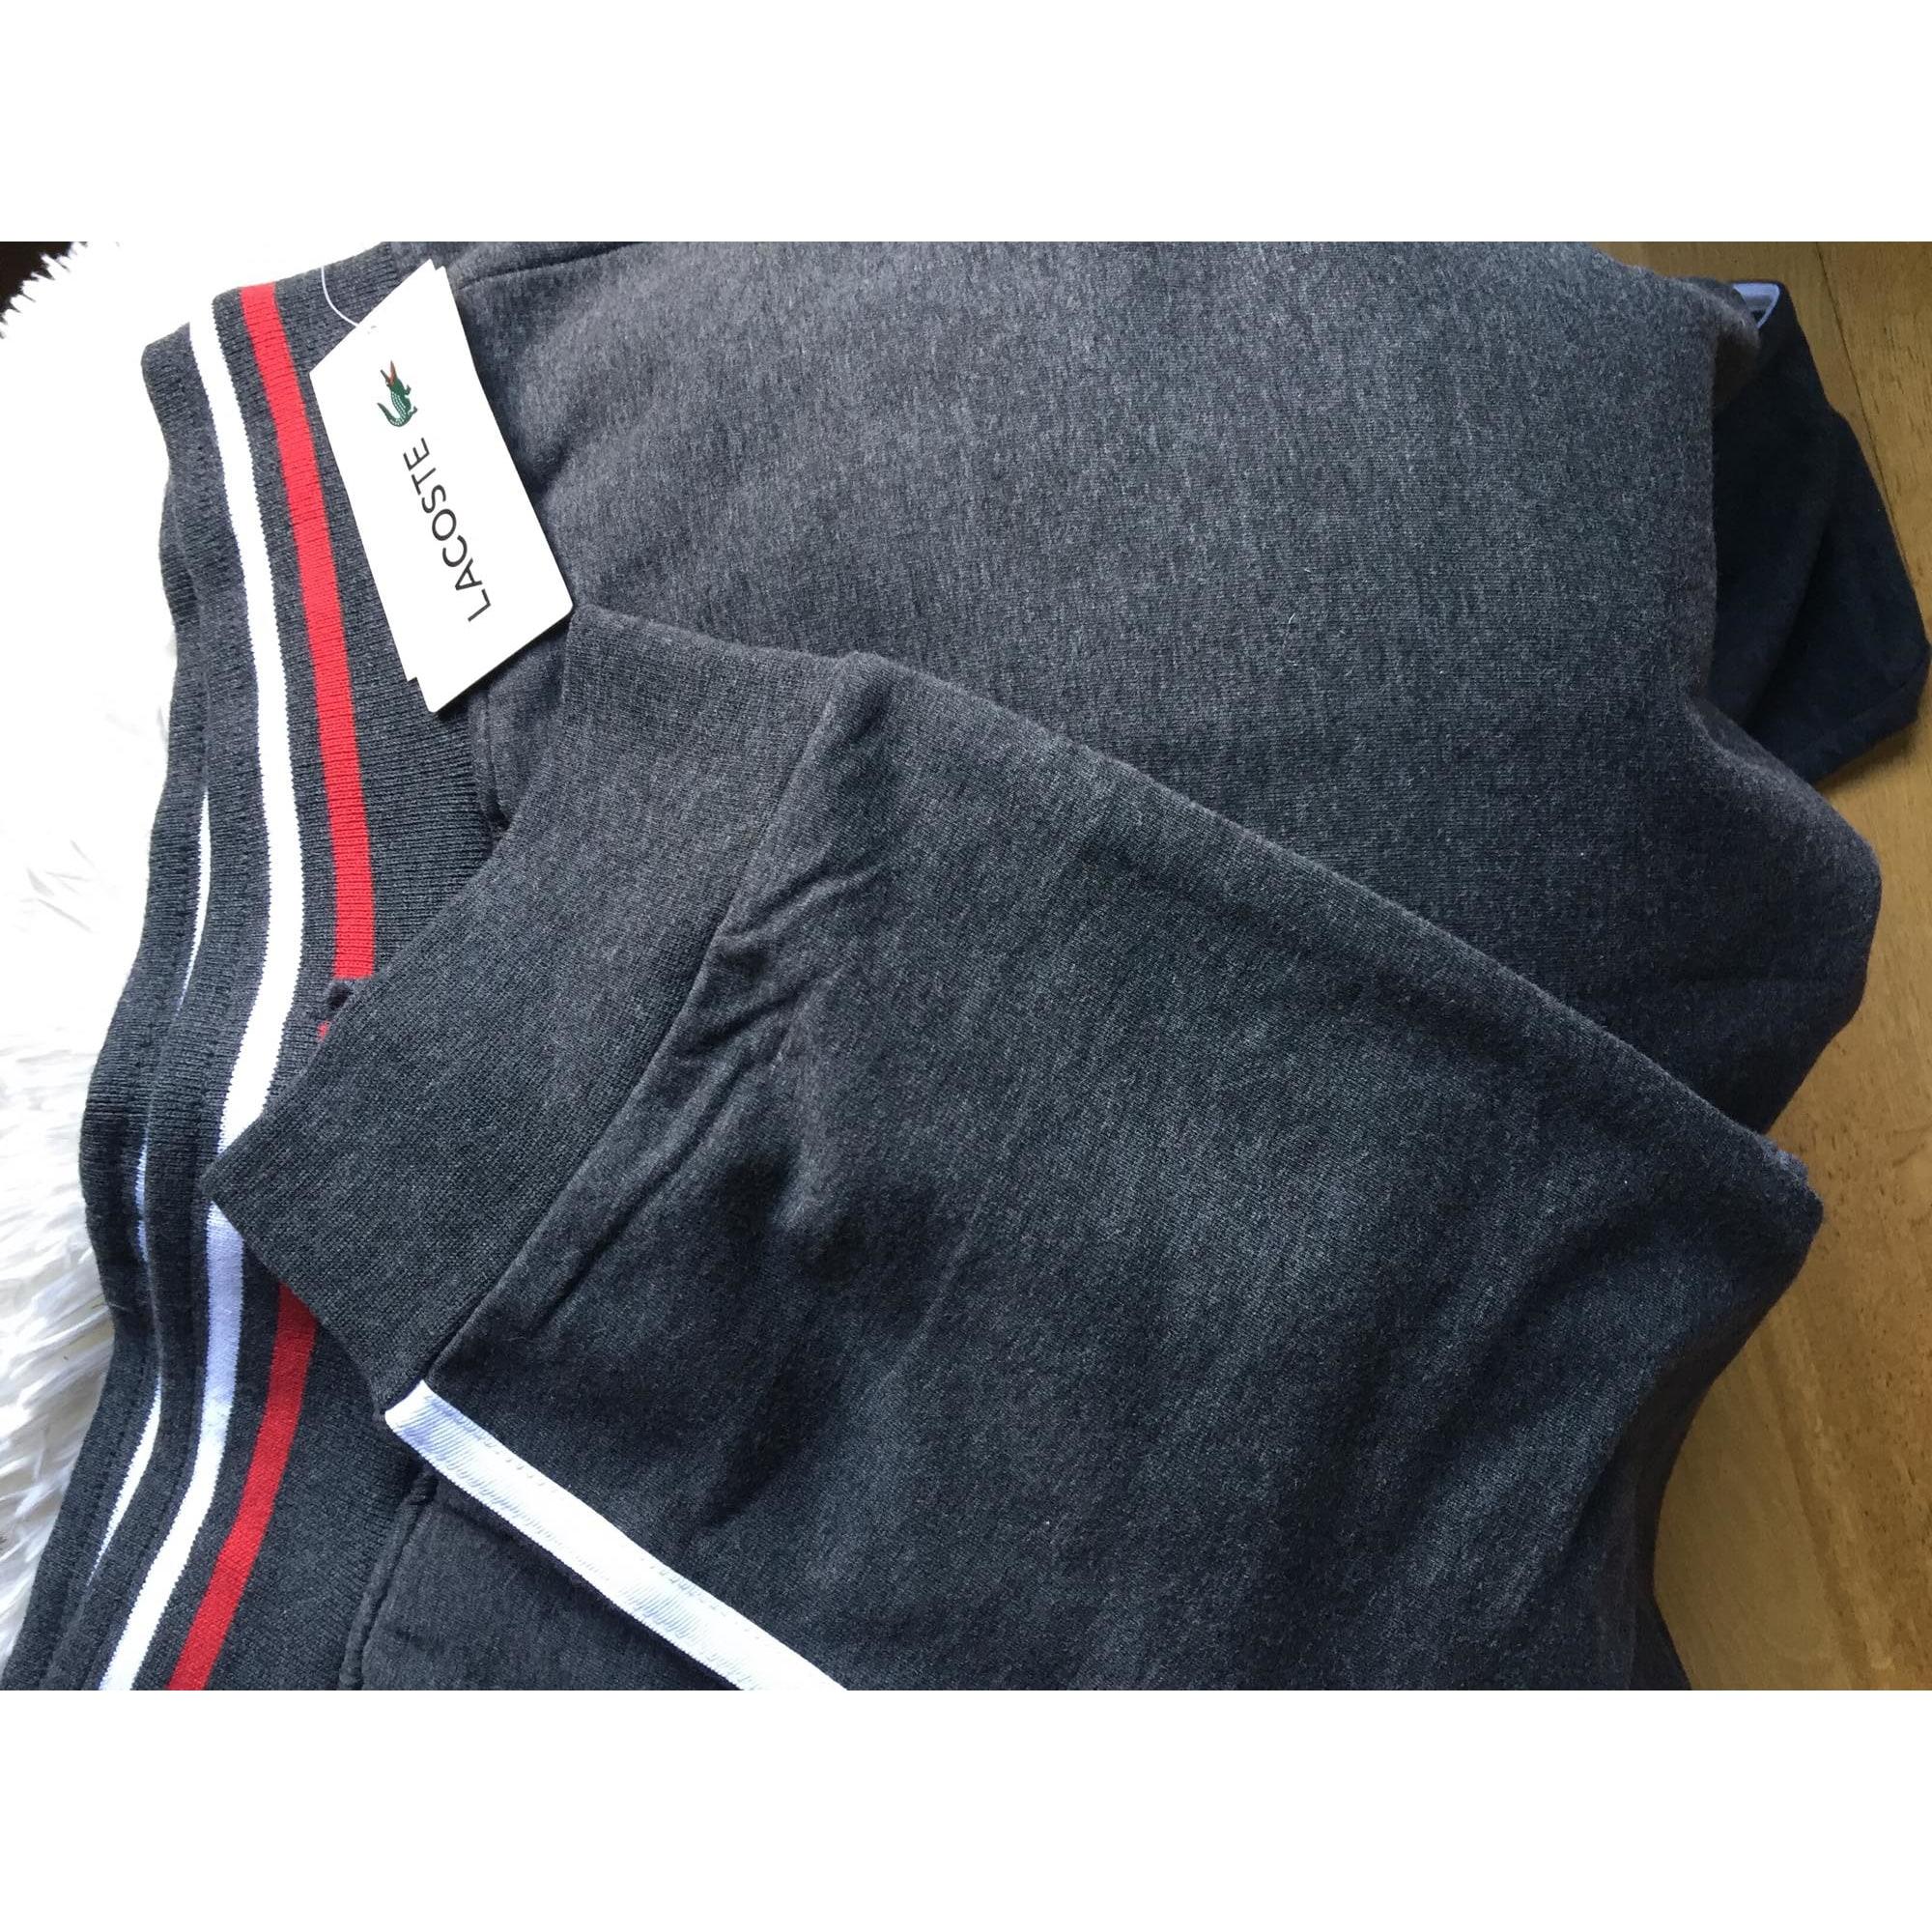 3992aa5cc8 Pantalon de survêtement LACOSTE 42 gris - 7117703